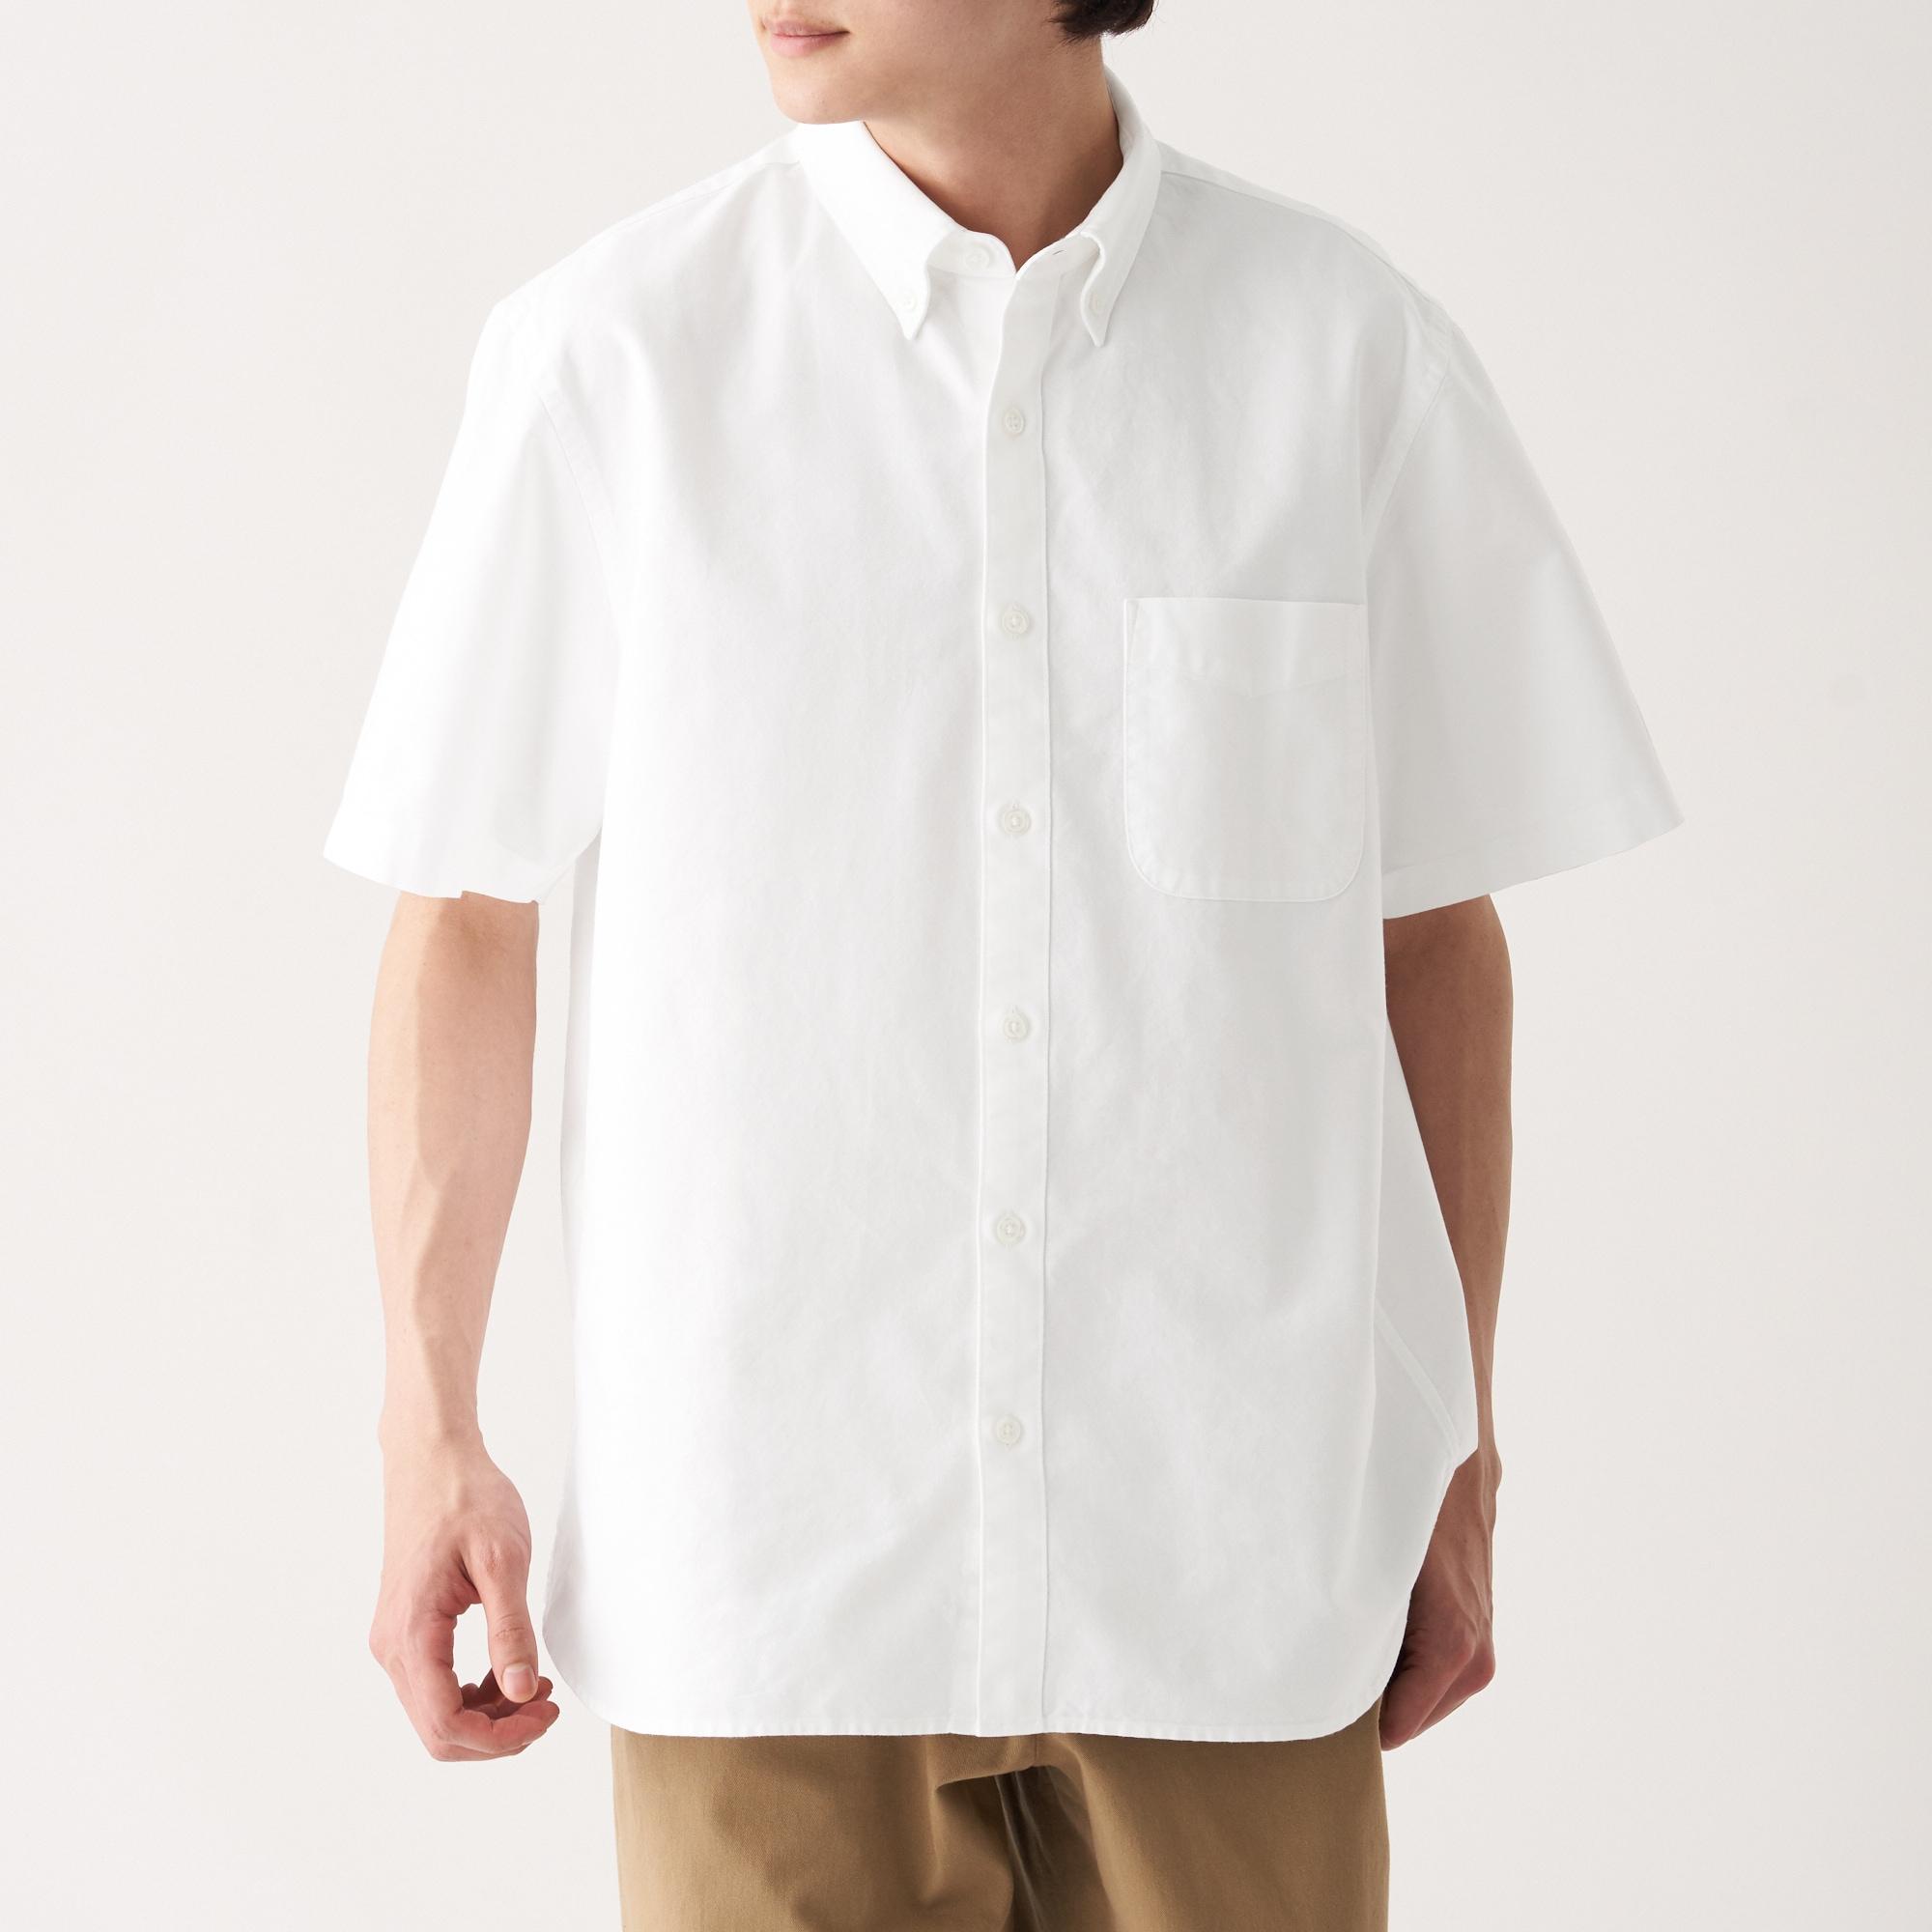 新疆綿洗いざらしオックスボタンダウン半袖シャツ 紳士XS・白